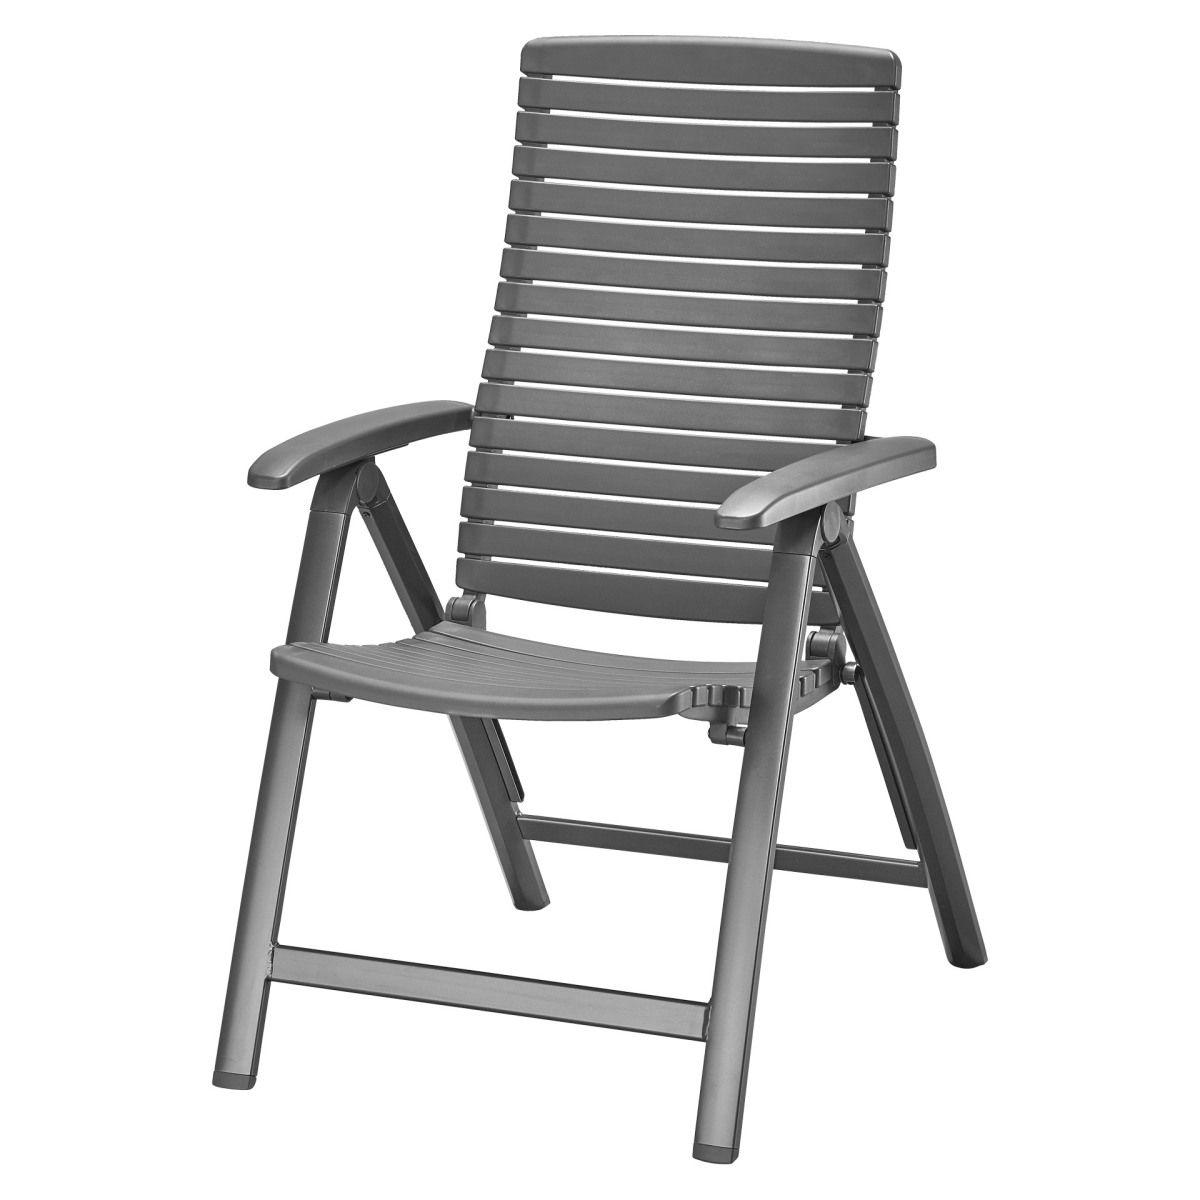 Pin By Ladendirekt On Gartenmobel Outdoor Chairs Outdoor